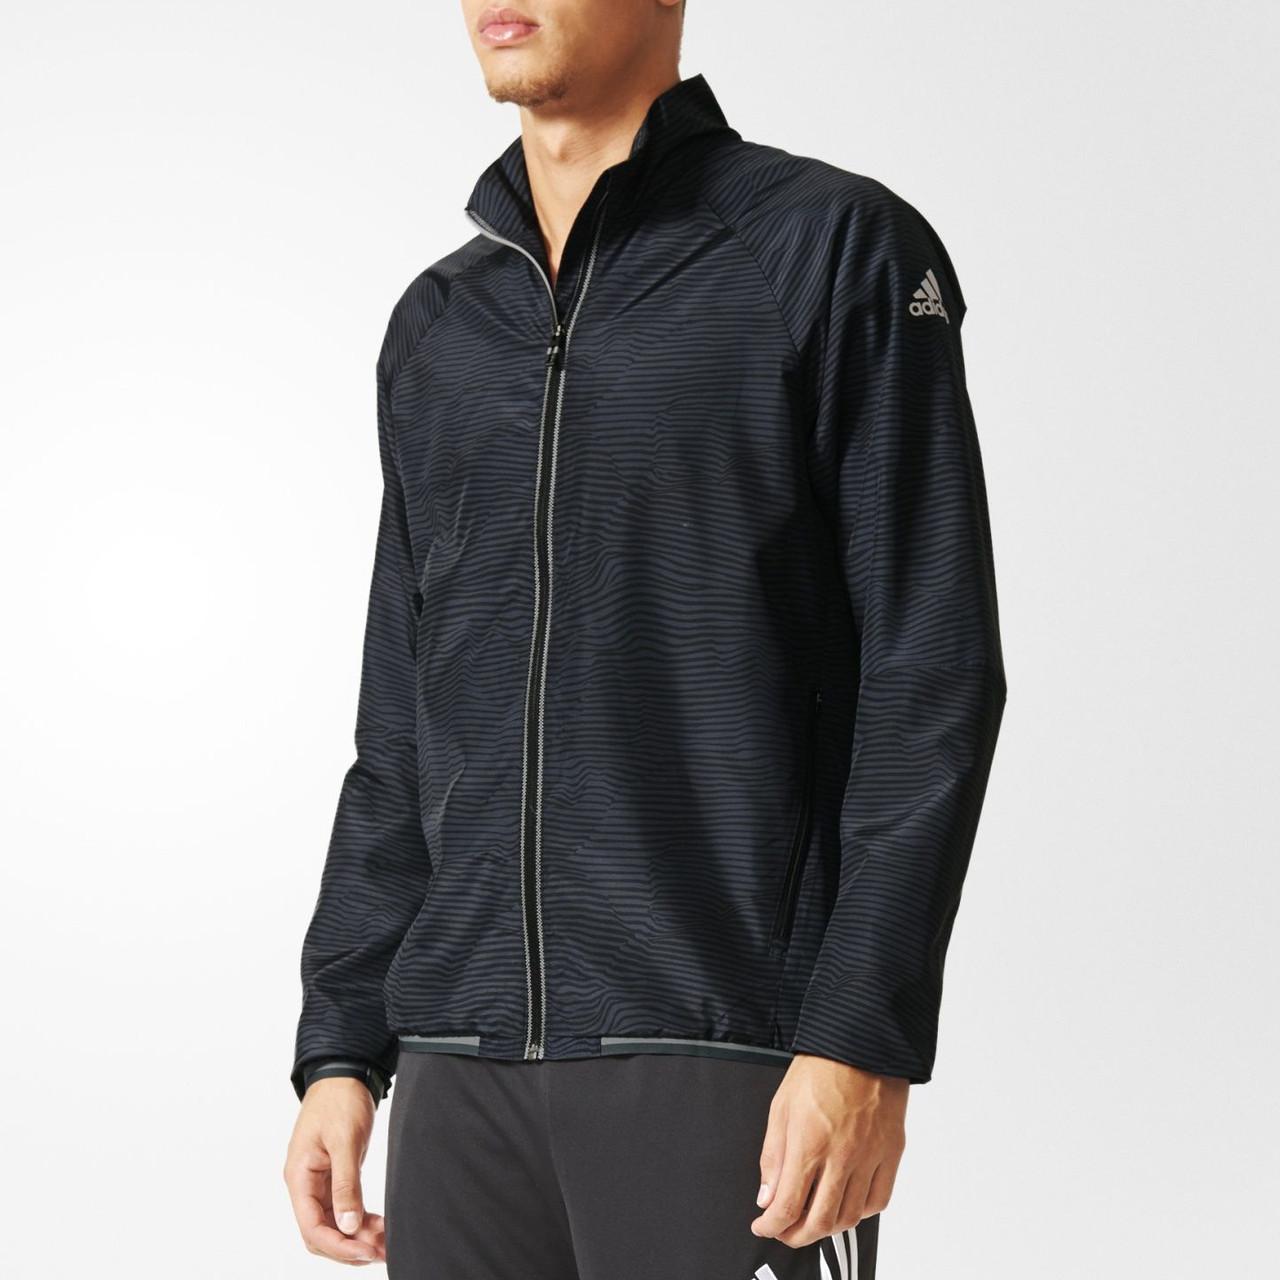 Ветровка спортивная мужская adidas XA Woven Jacket Track Top Training AB1309 адидас